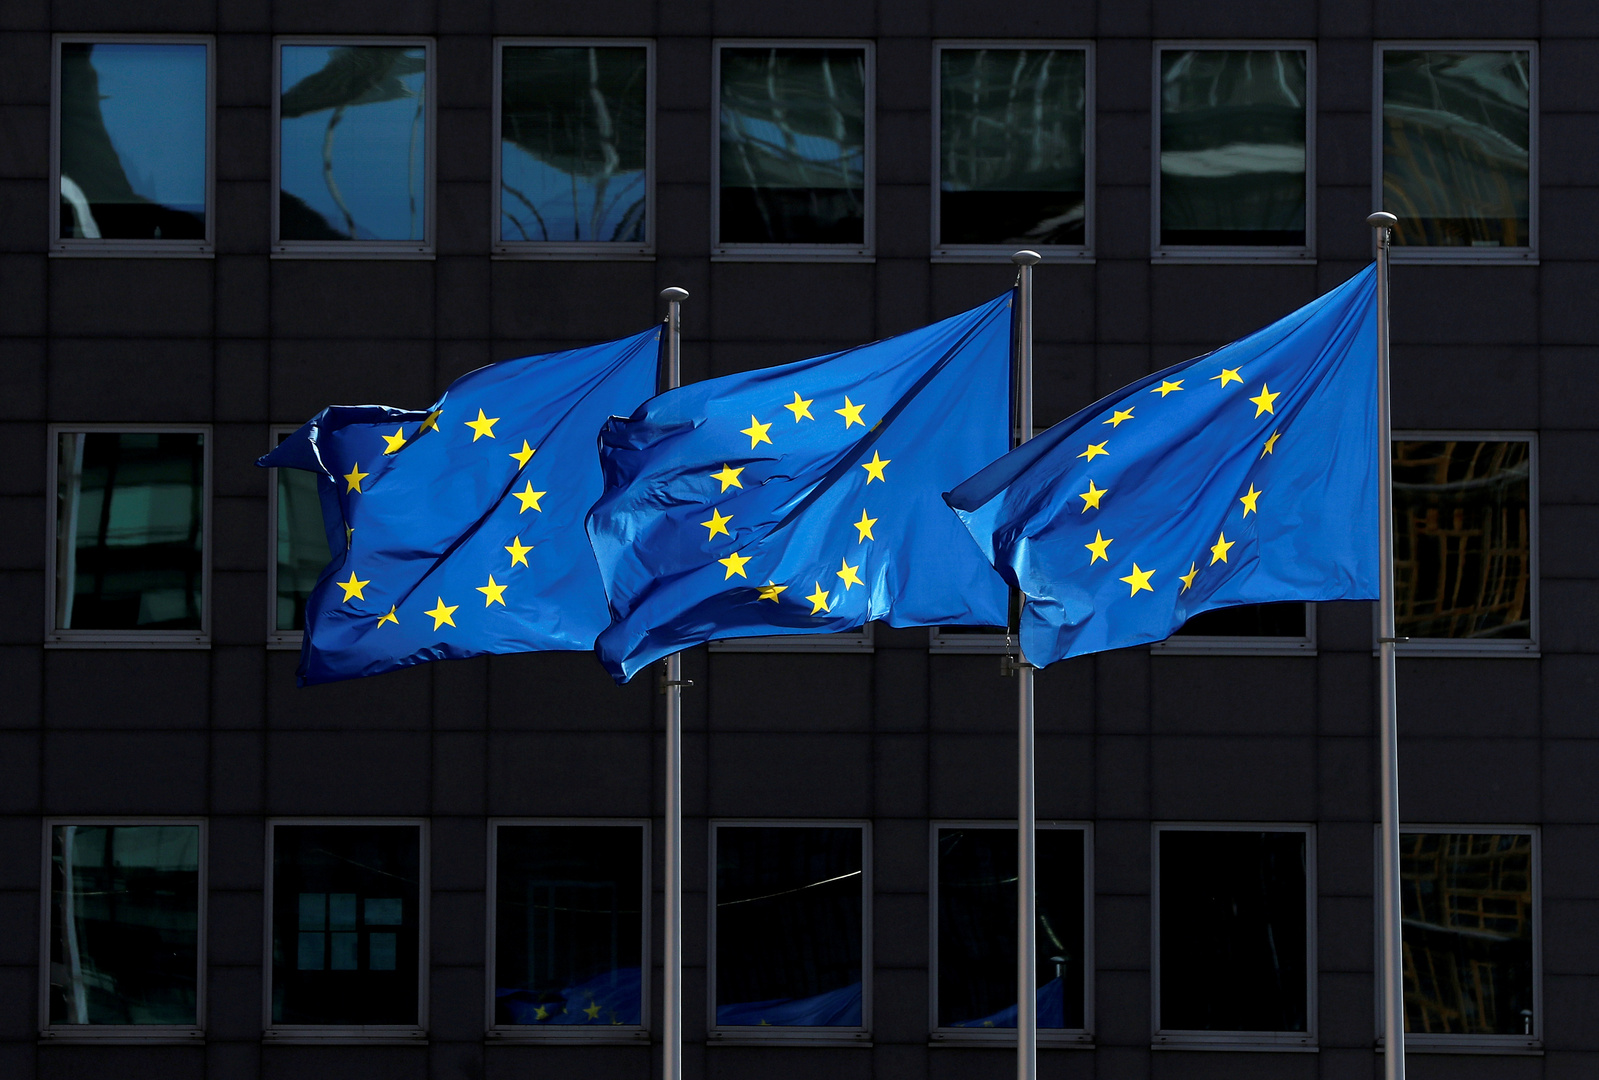 الاتحاد الأوروبي يوافق على فرض عقوبات ضد الصين بسبب الحملة على الإيغور